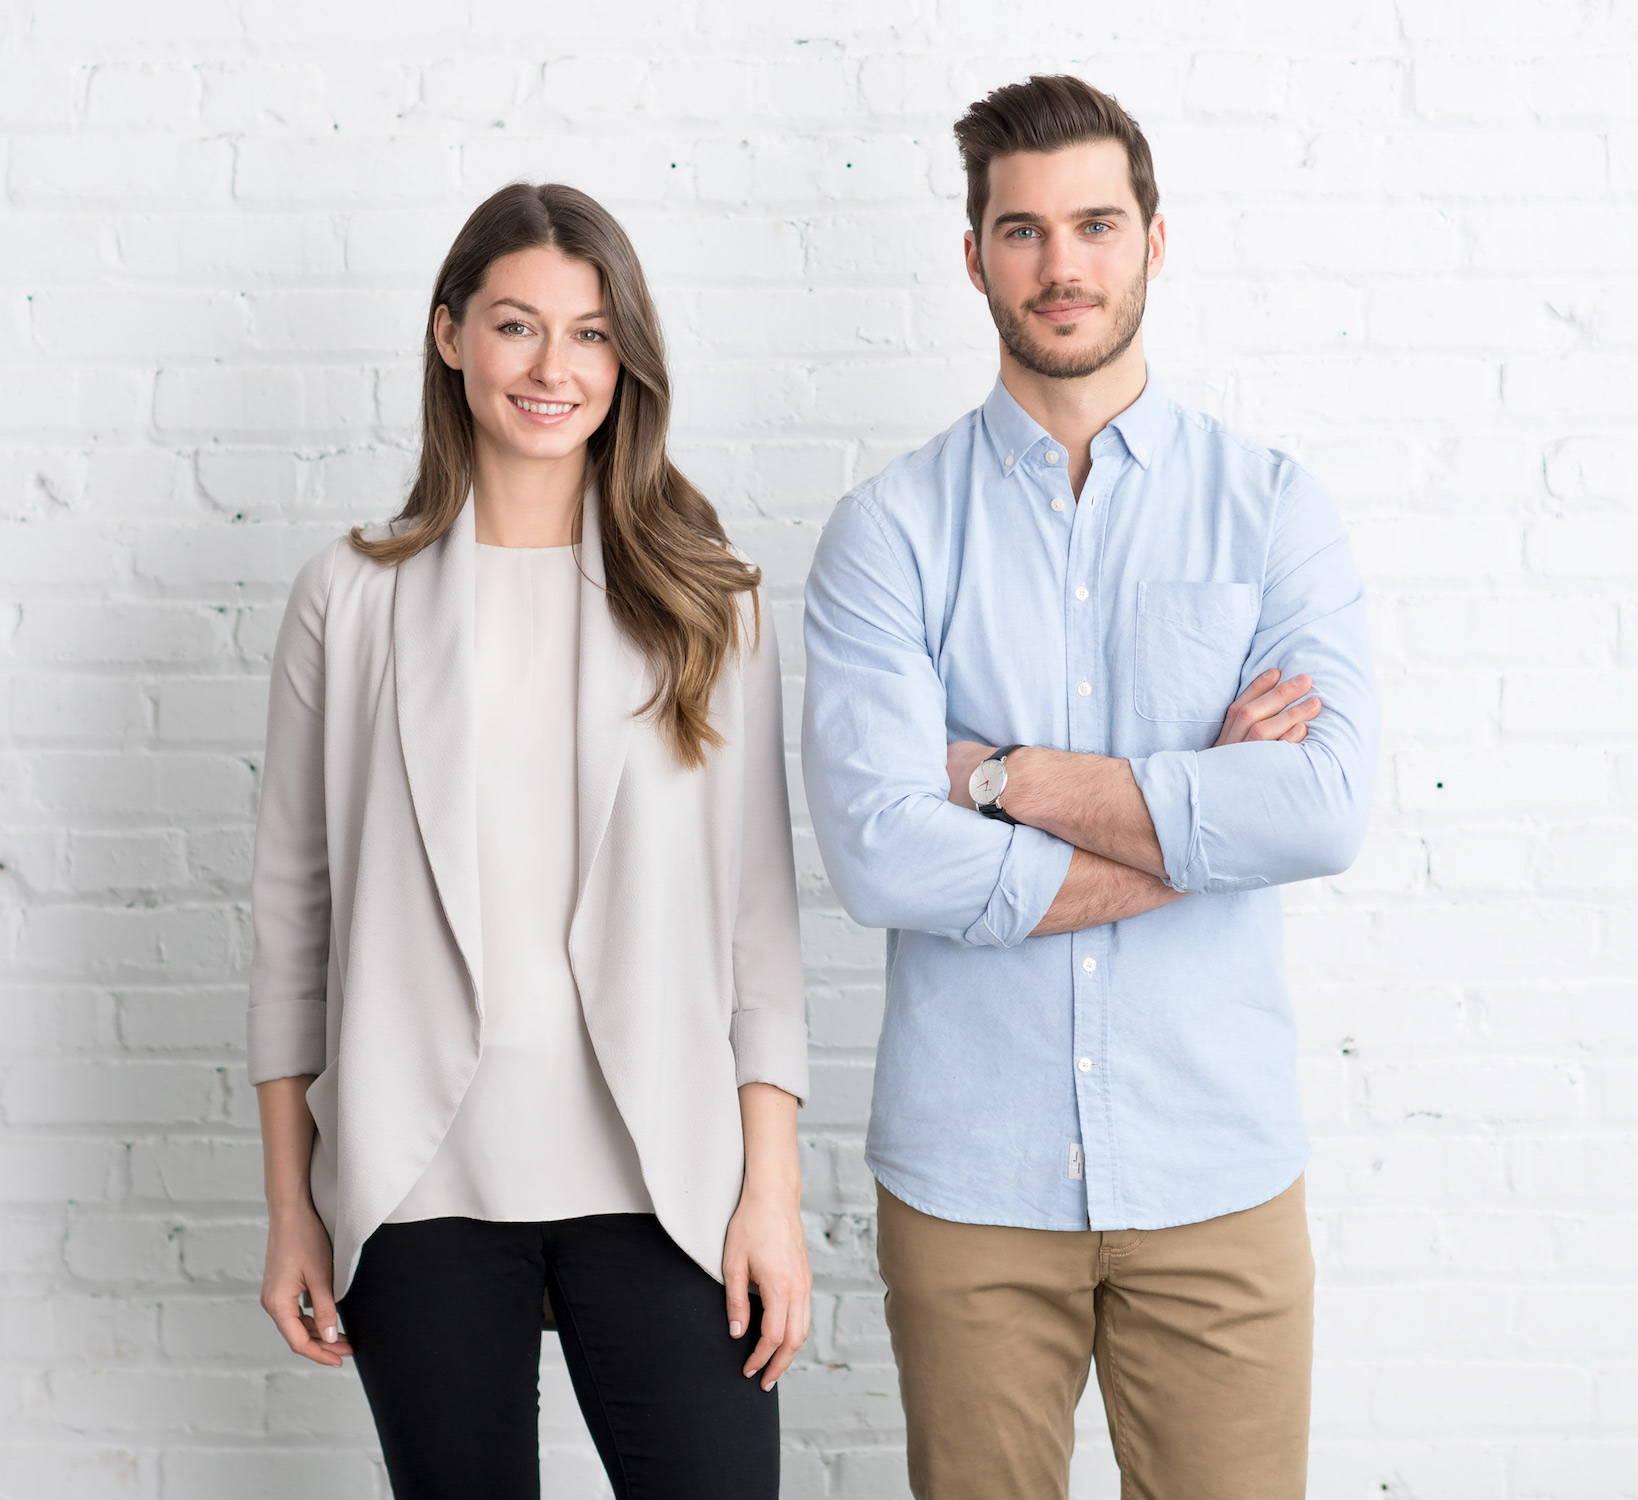 ergonofis founders